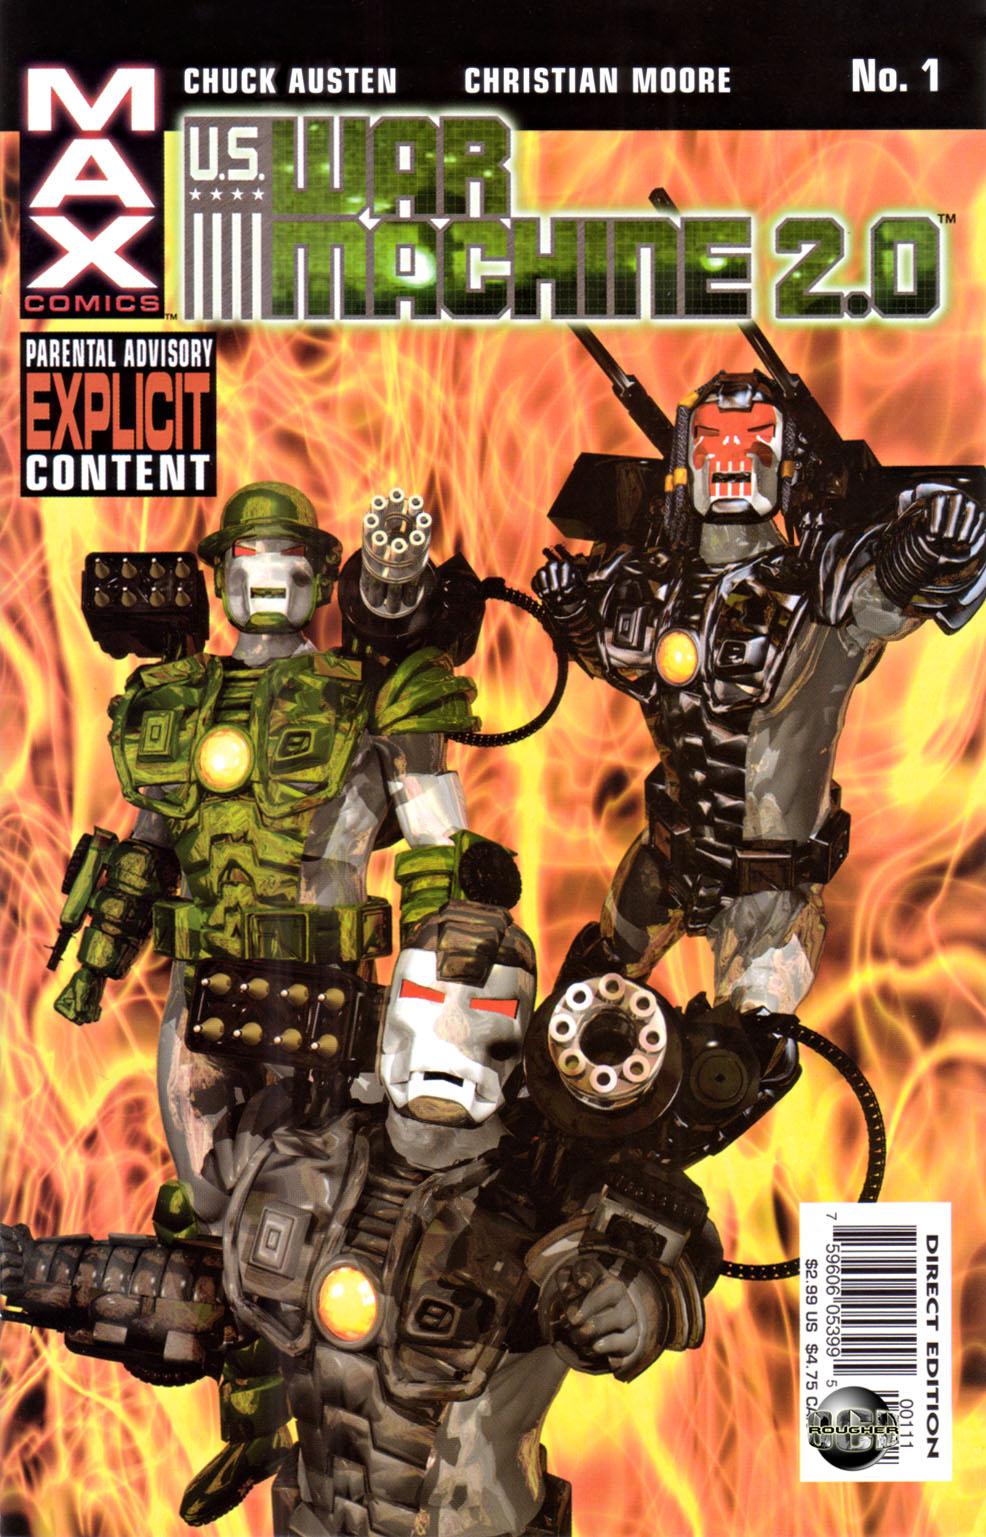 Read online U.S. War Machine 2.0 comic -  Issue #1 - 1